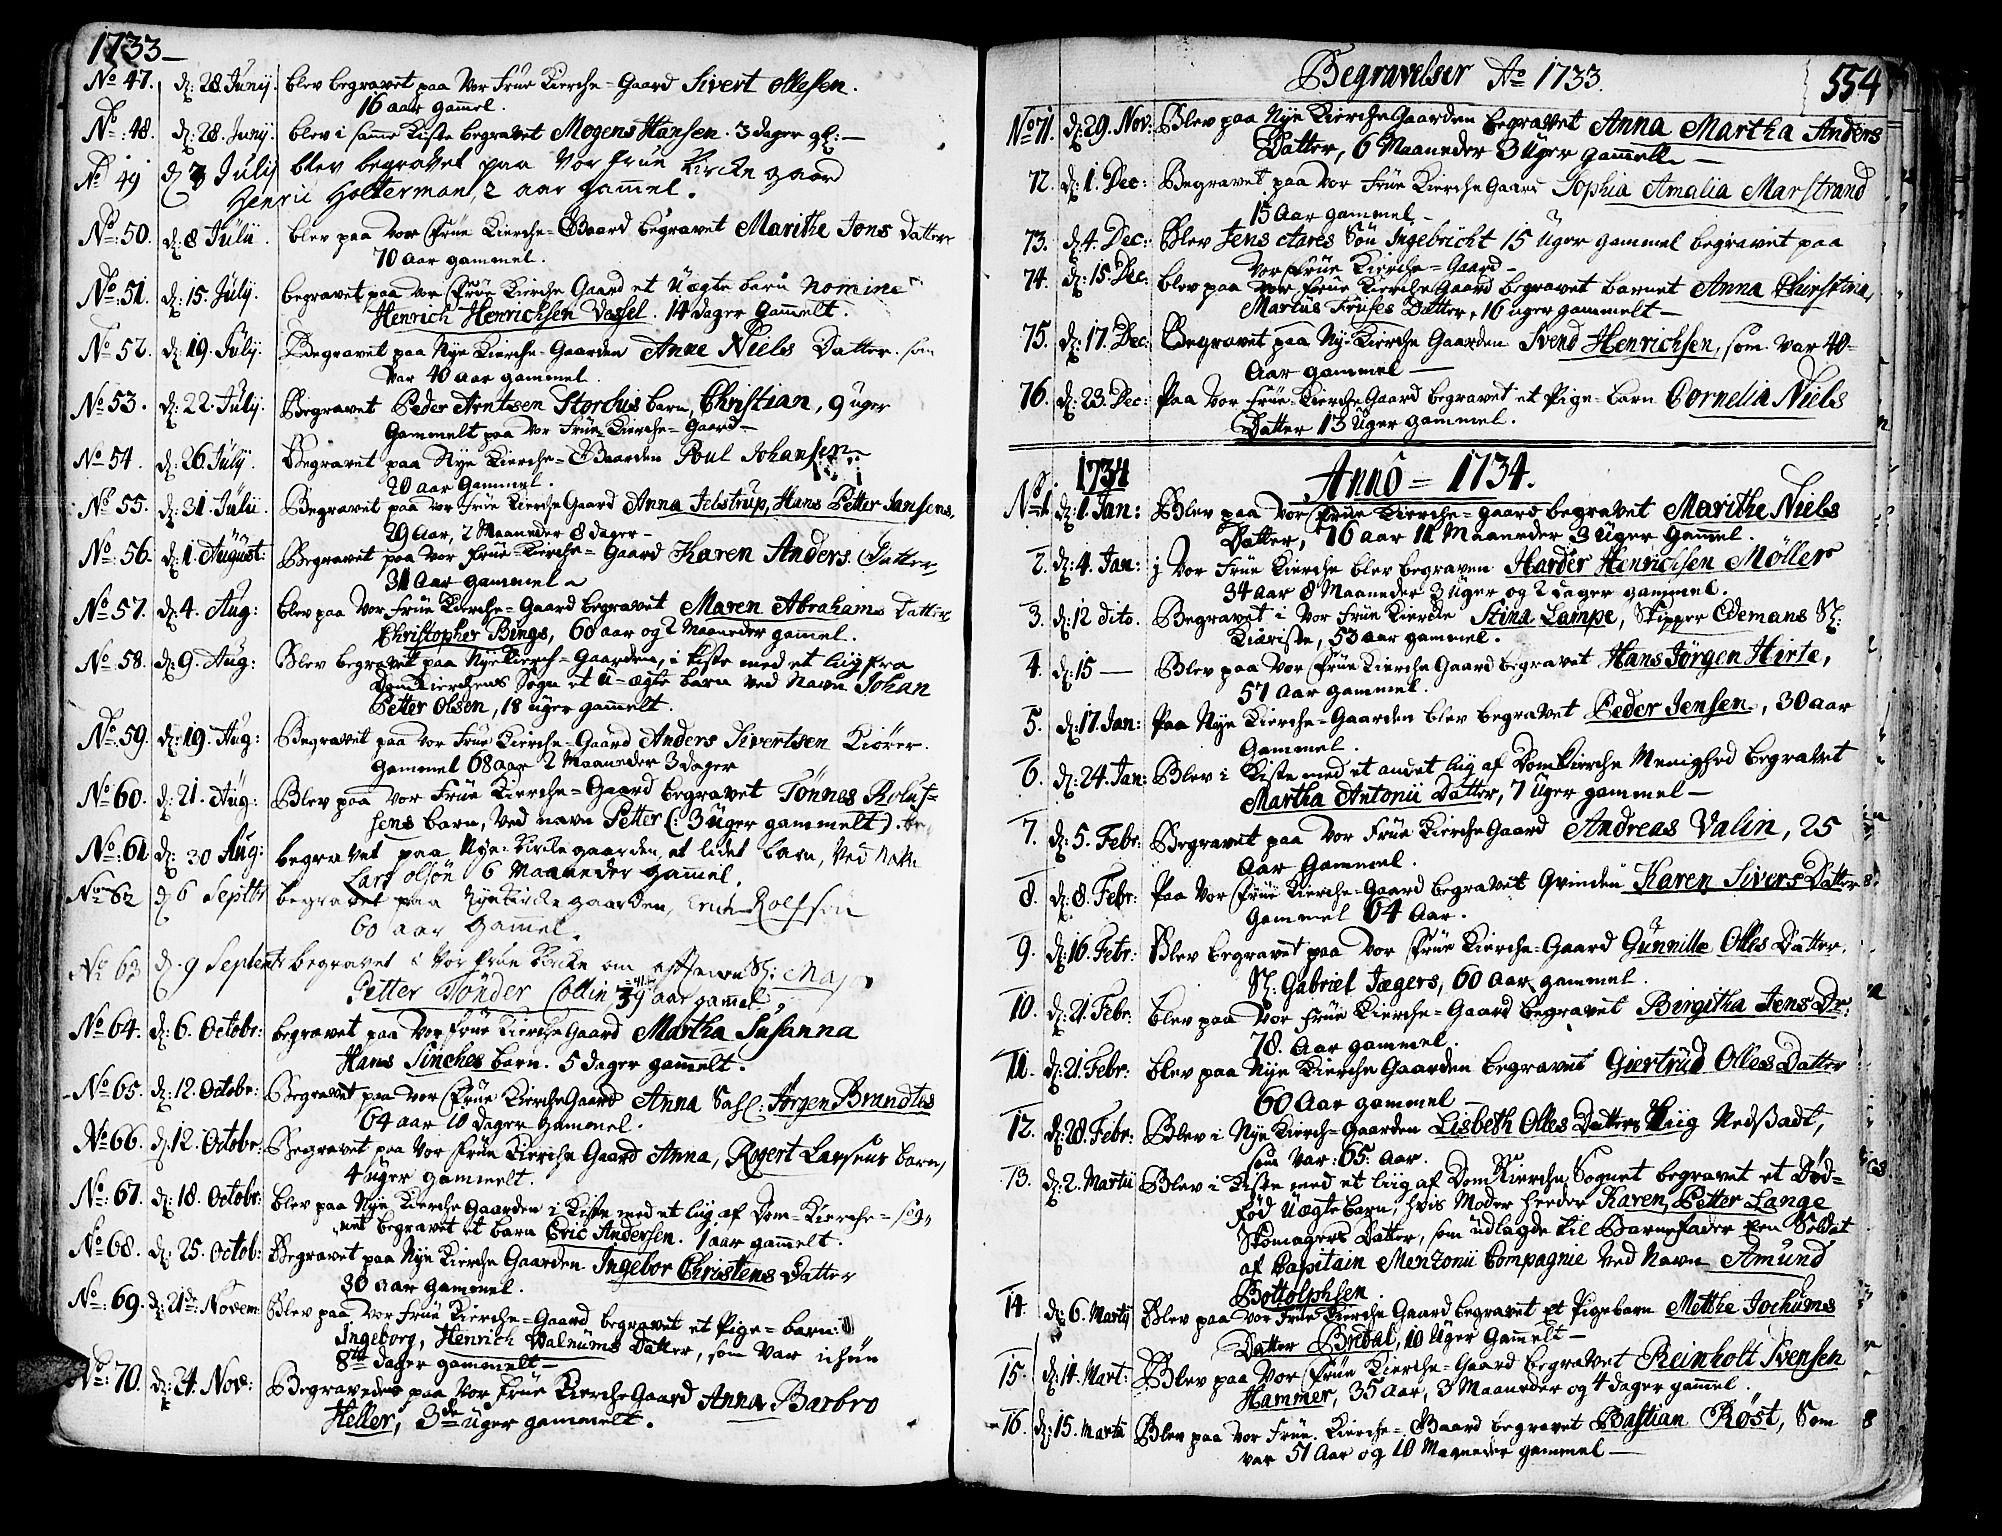 SAT, Ministerialprotokoller, klokkerbøker og fødselsregistre - Sør-Trøndelag, 602/L0103: Ministerialbok nr. 602A01, 1732-1774, s. 554